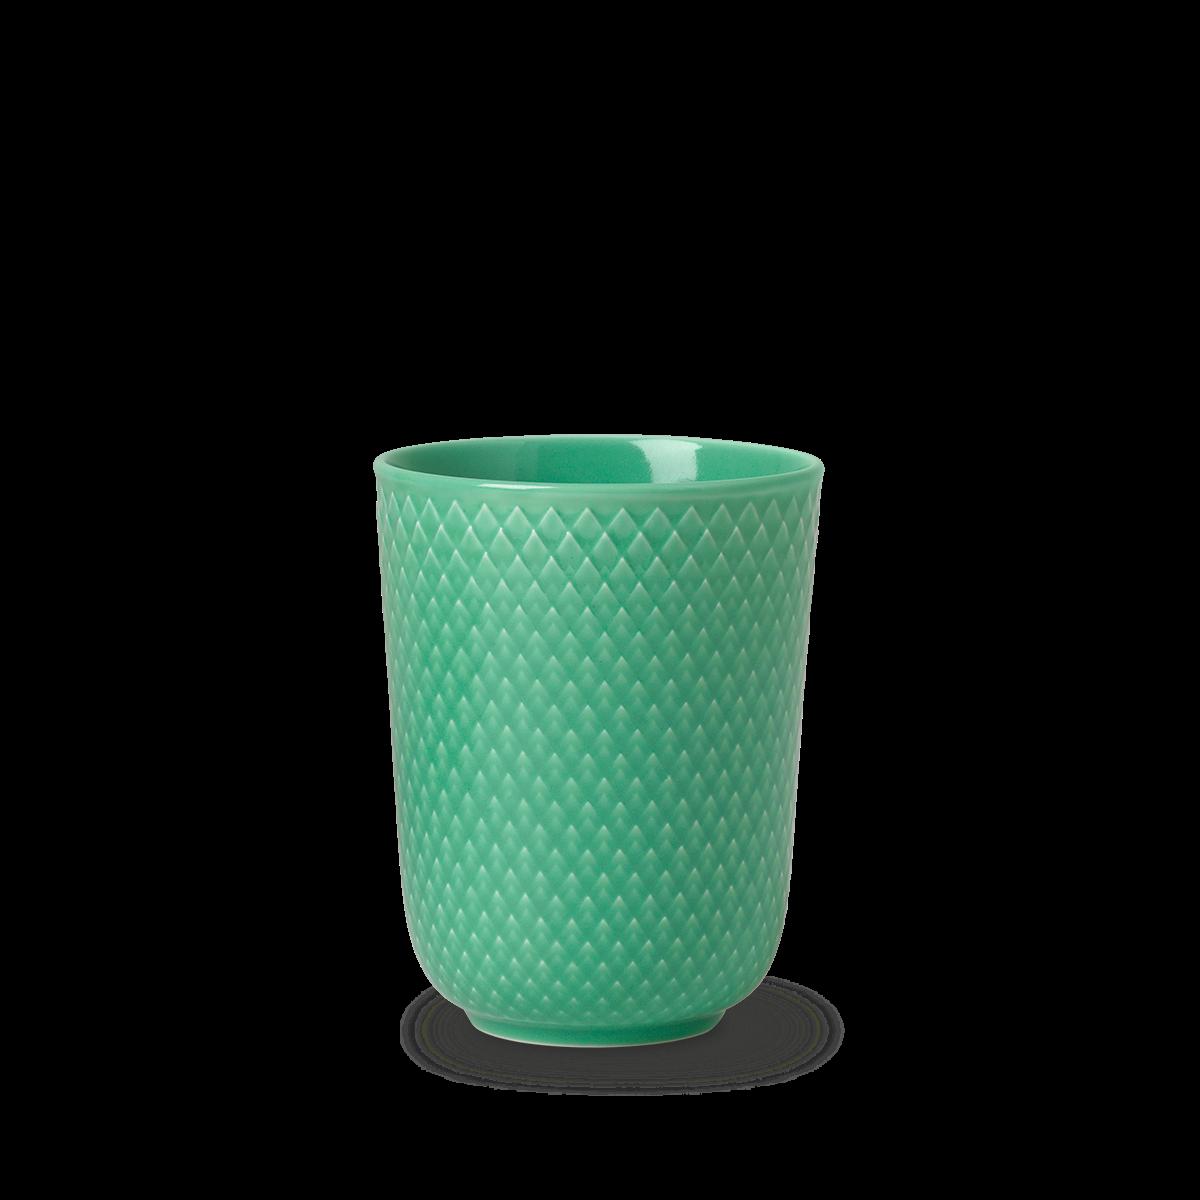 Lyngby Porcelæn - Rhombe Mug 33 cl - Green (201964)